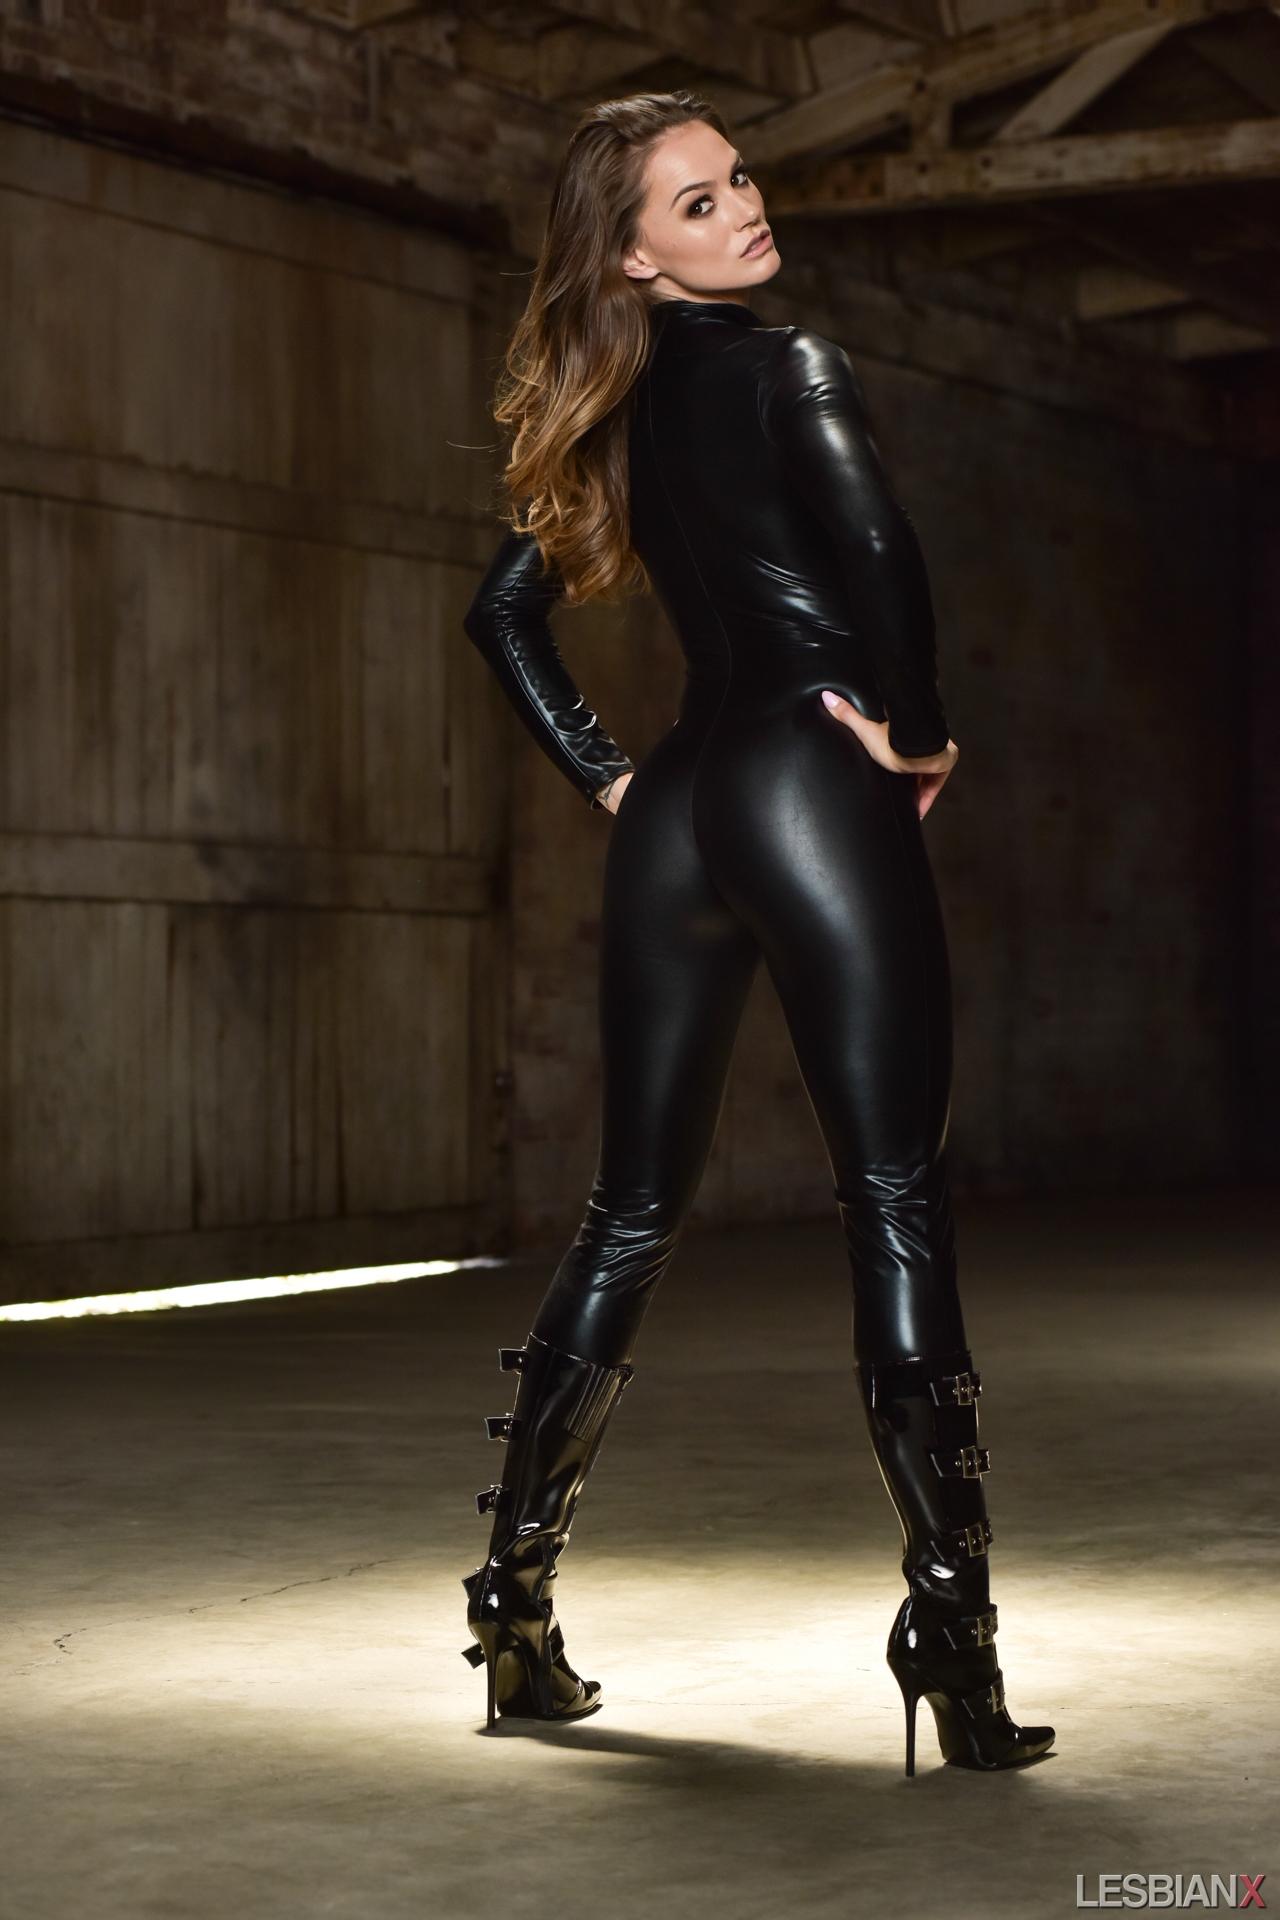 black latex leggings Tori